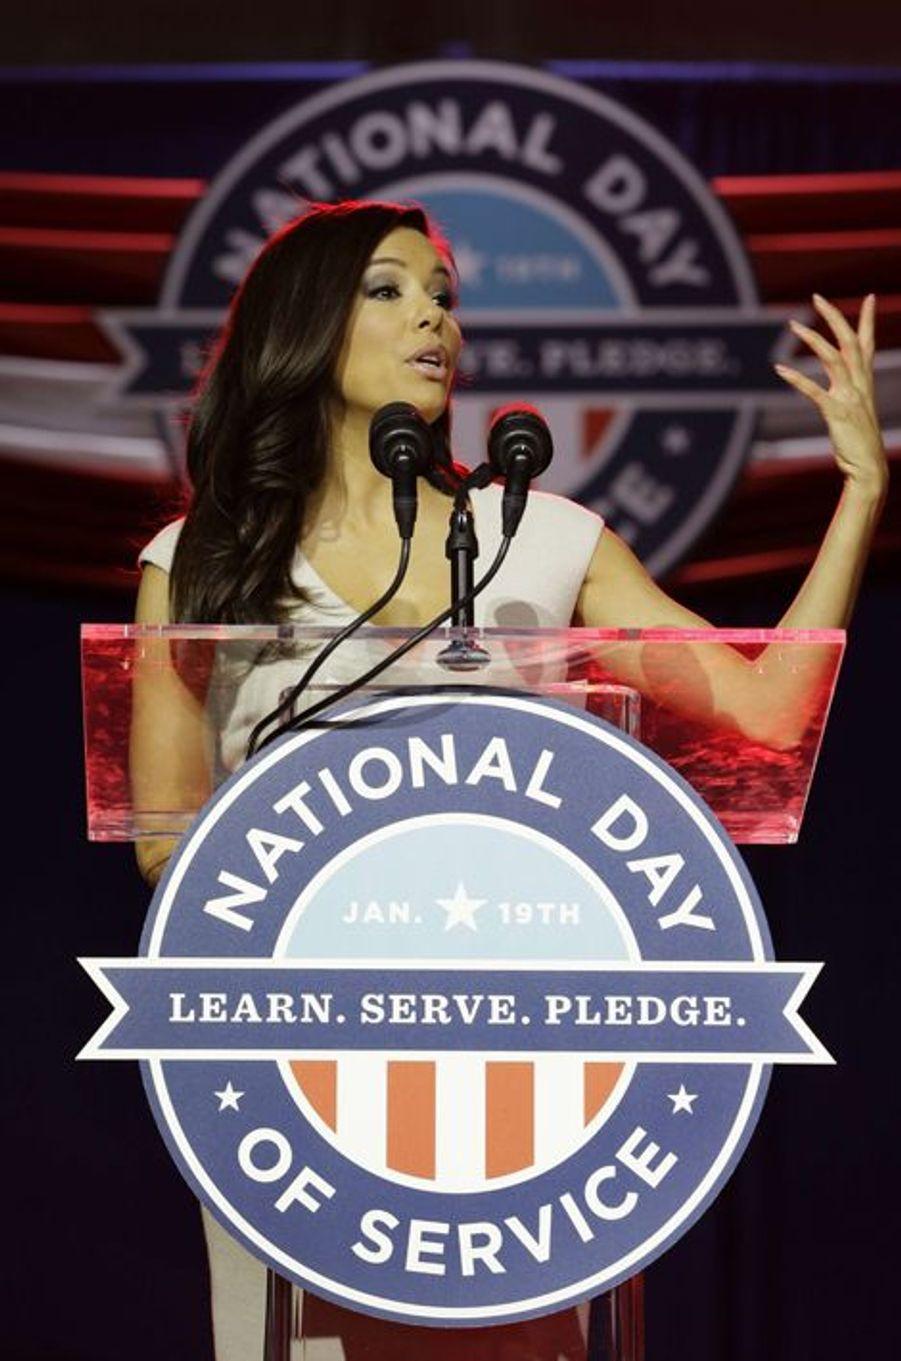 """Eva Longoria inaugure la cérémonie d'ouverture du """"National Day of Service"""" en tant que co-présidente du comité à Washington le 19 janvier 2013"""